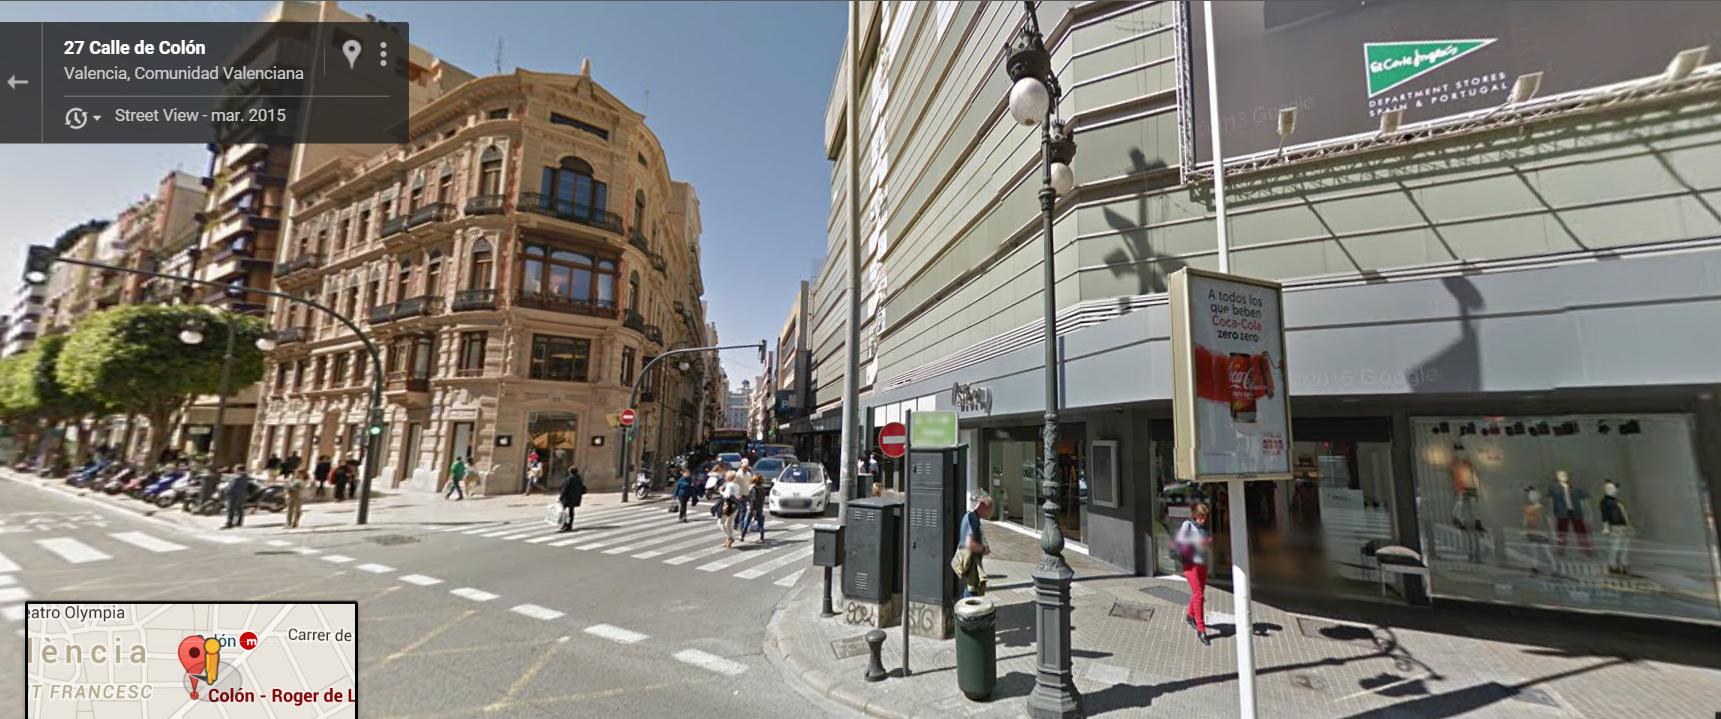 Actualidad. Fuente: Google Maps